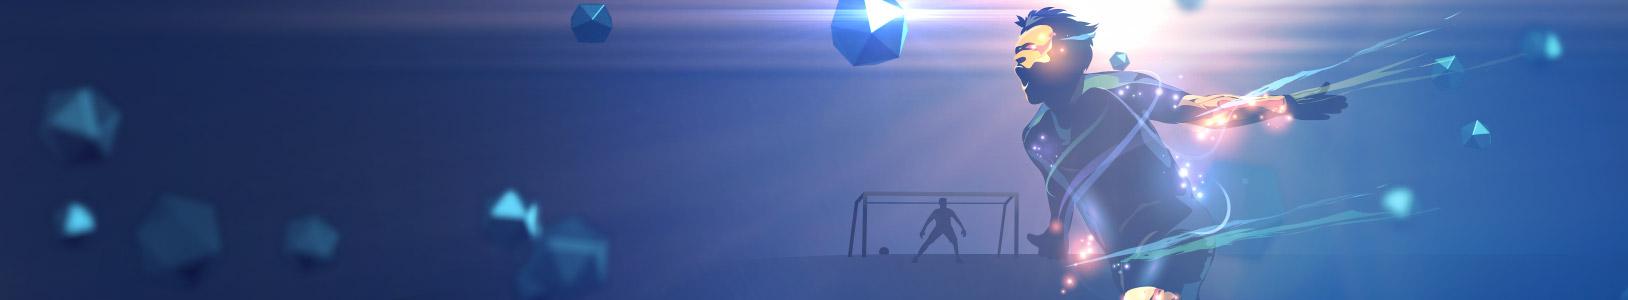 base_soccer.jpg